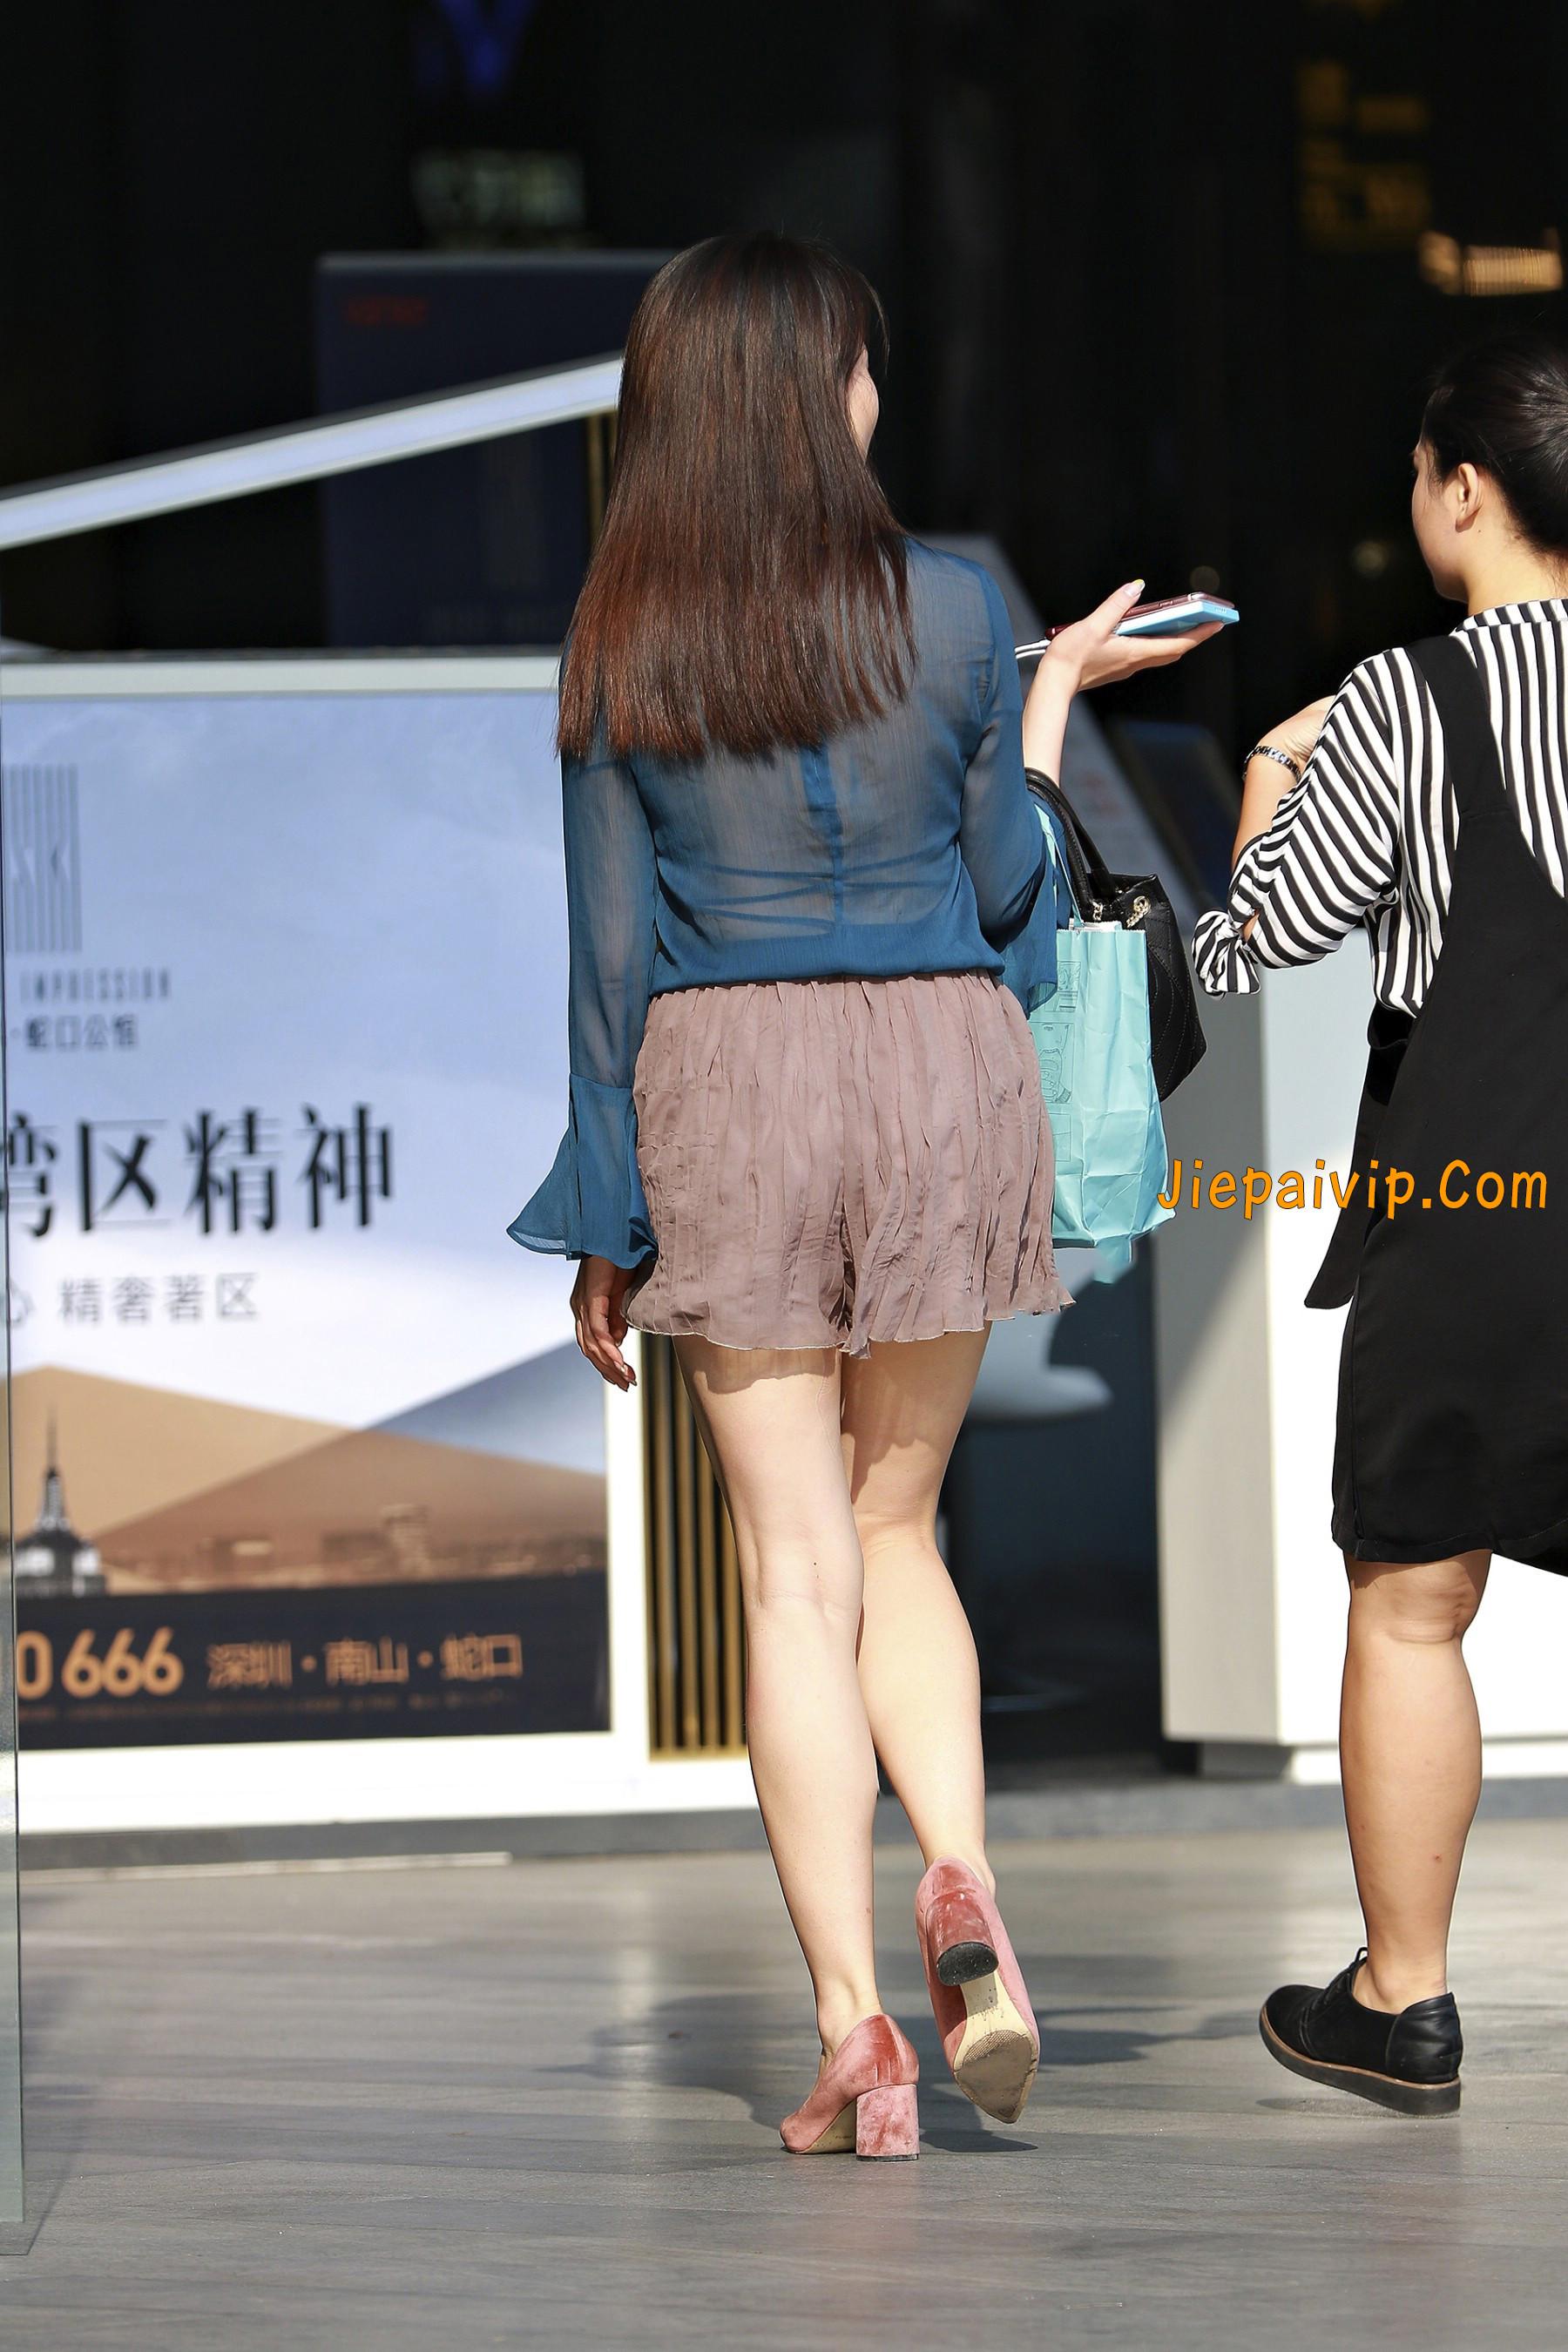 害羞 性感 白嫩美腿 淑女,膝盖怎么回事呢?12